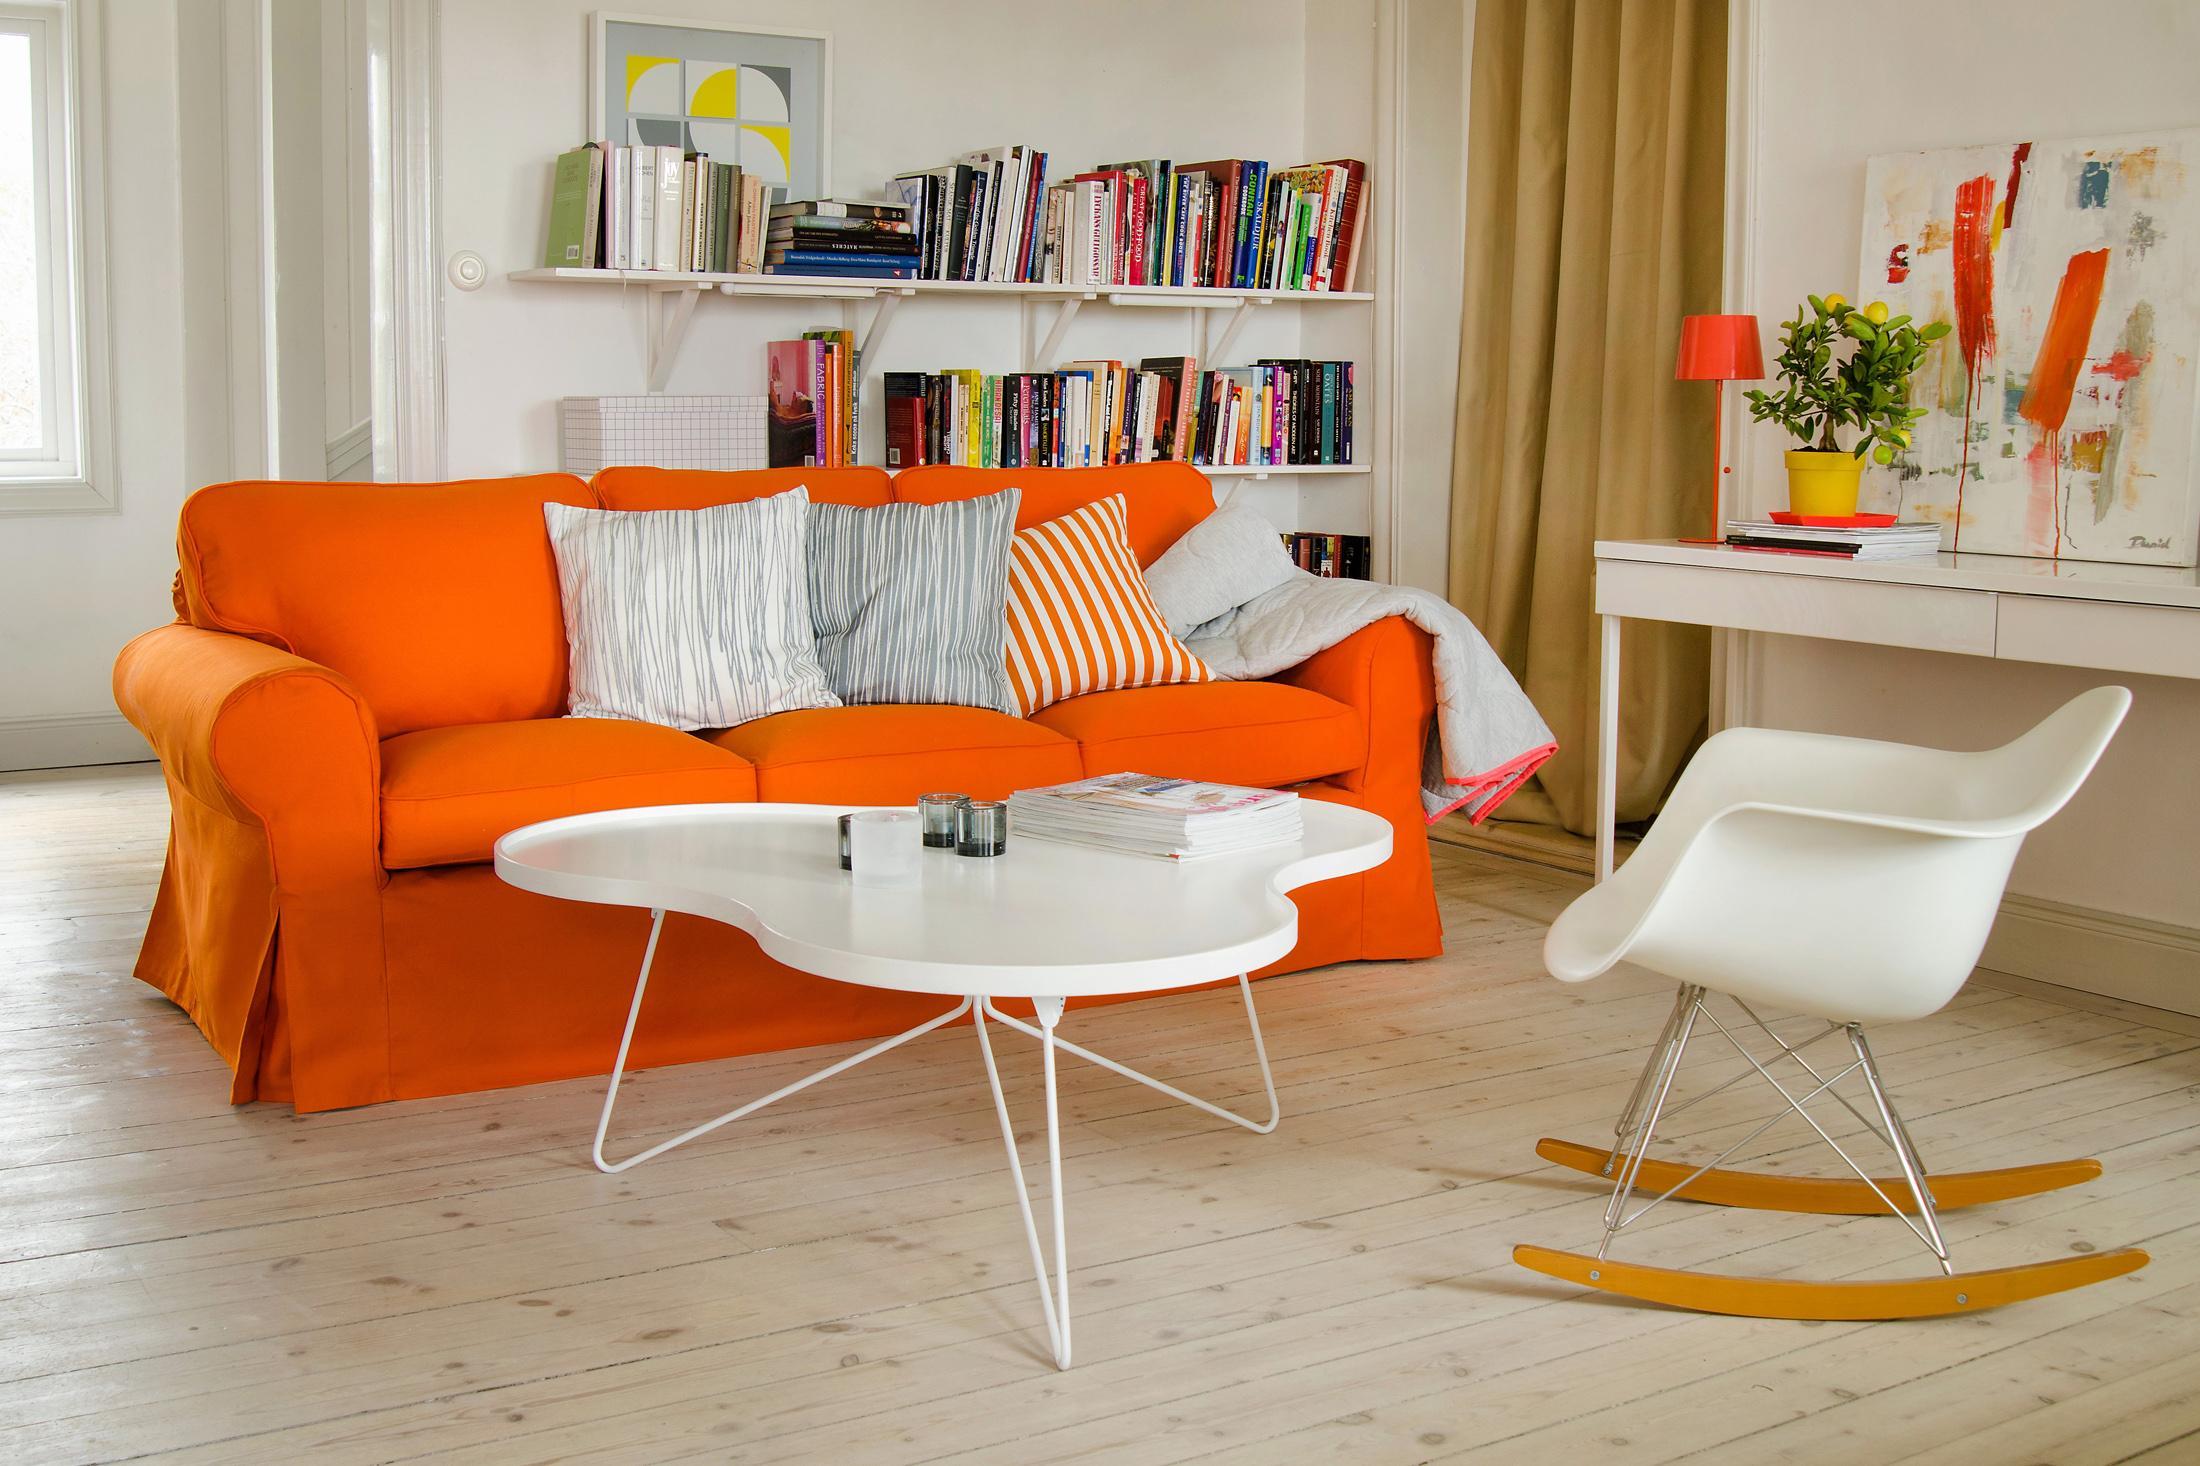 Orangefarbenes Sofa Im Wohnzimmer Couchtisch Regal Schreibtisch Kissen Ikea Schaukelstuhl